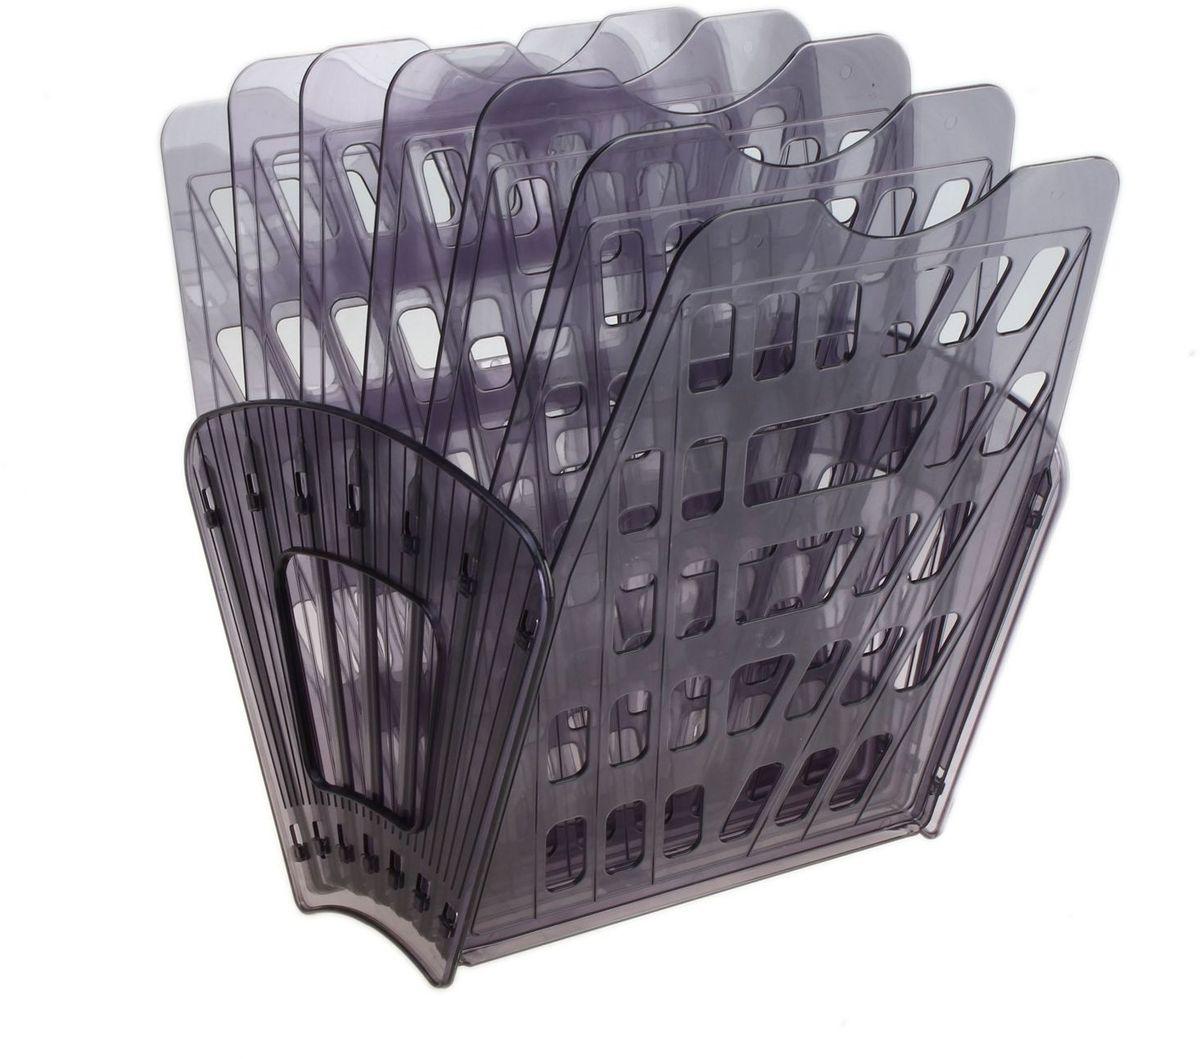 Стамм Лоток для бумаг 7 отделений цвет серый609189Лоток для бумаг Стамм выполнен из высококачественного пластика с полированной гладкой поверхностью.Лоток состоит из двух боковых стоек и семи секций, на рабочем столе устанавливается как горизонтально, так и вертикально, имеет специальные отверстия для крепления на стену. Легко собирается и разбирается, имеет четыре отделения для листов формата А4.С лотком для бумаг Стамм у вас больше не возникнут сложности с поддержанием порядка на столе!